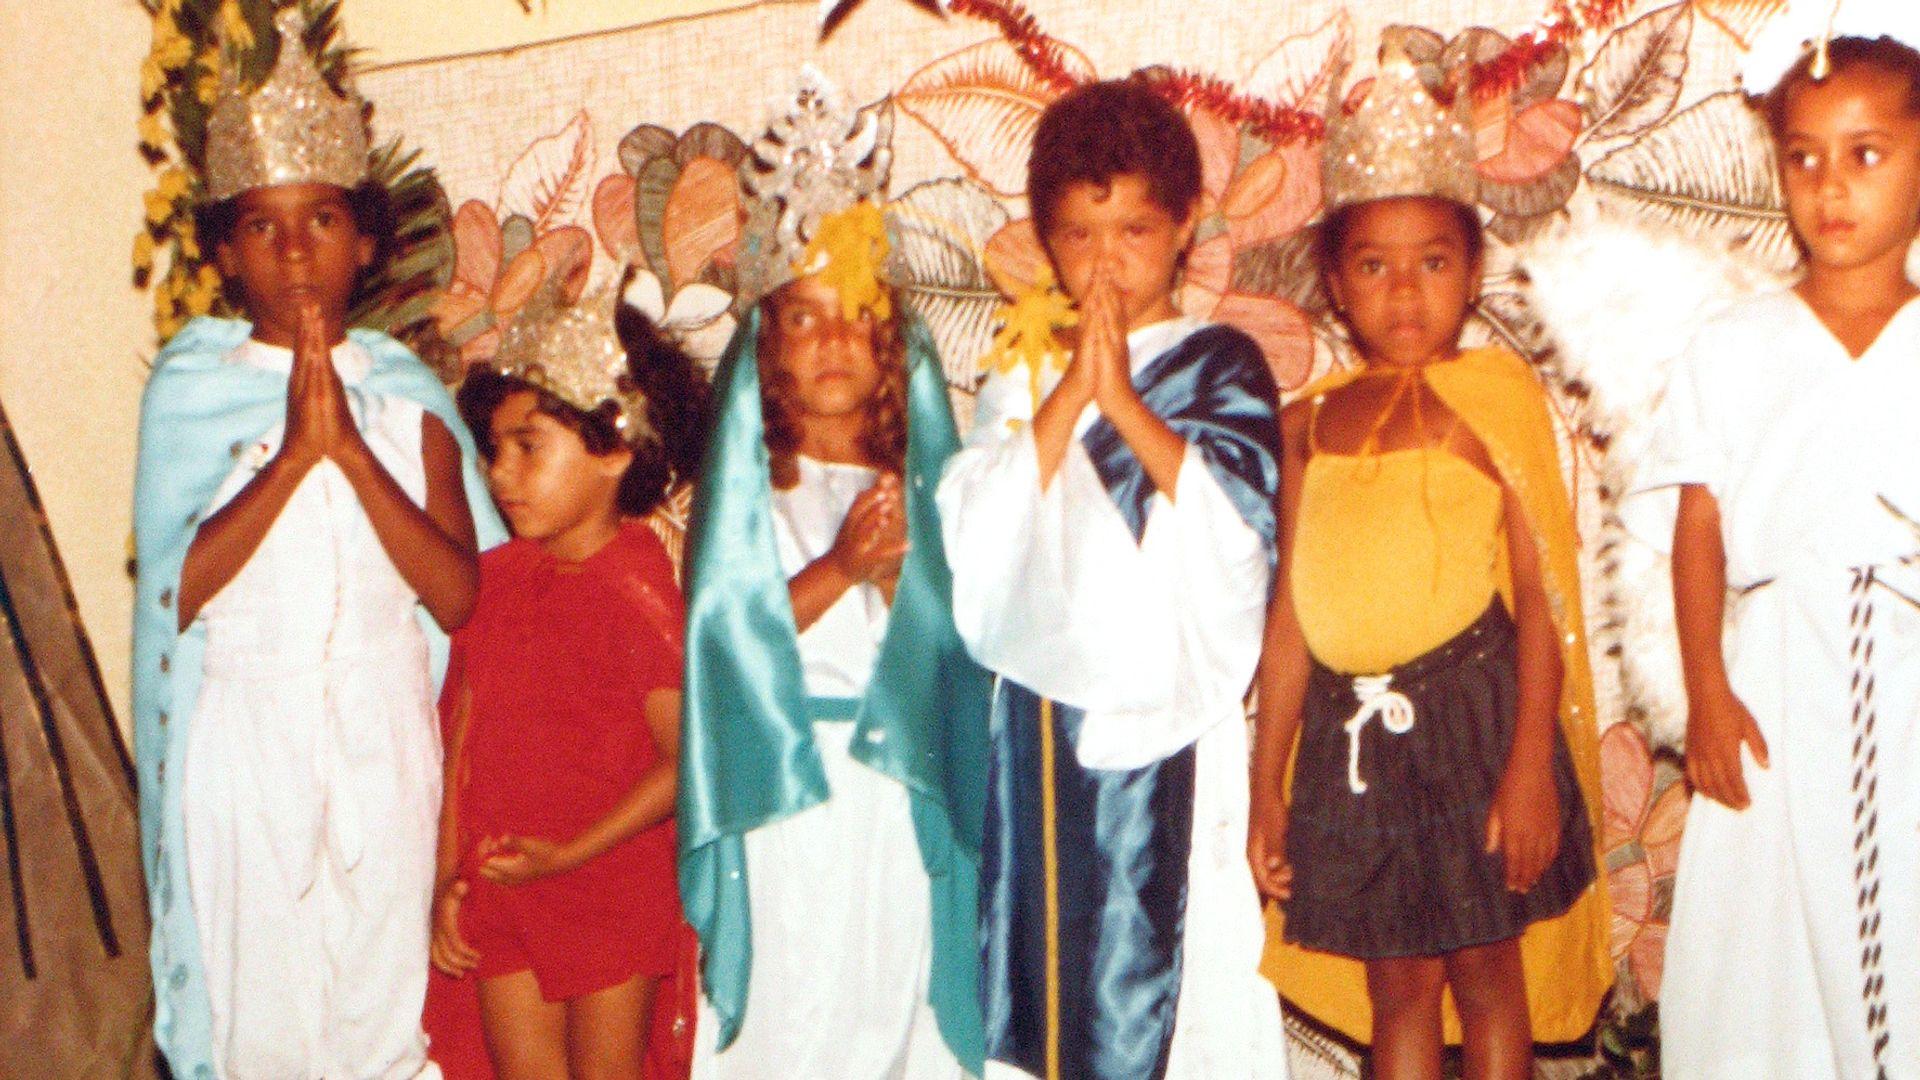 Terno de Reis. Foto: Acervo da Associação Cultural As Ganhadeiras de Itapuã